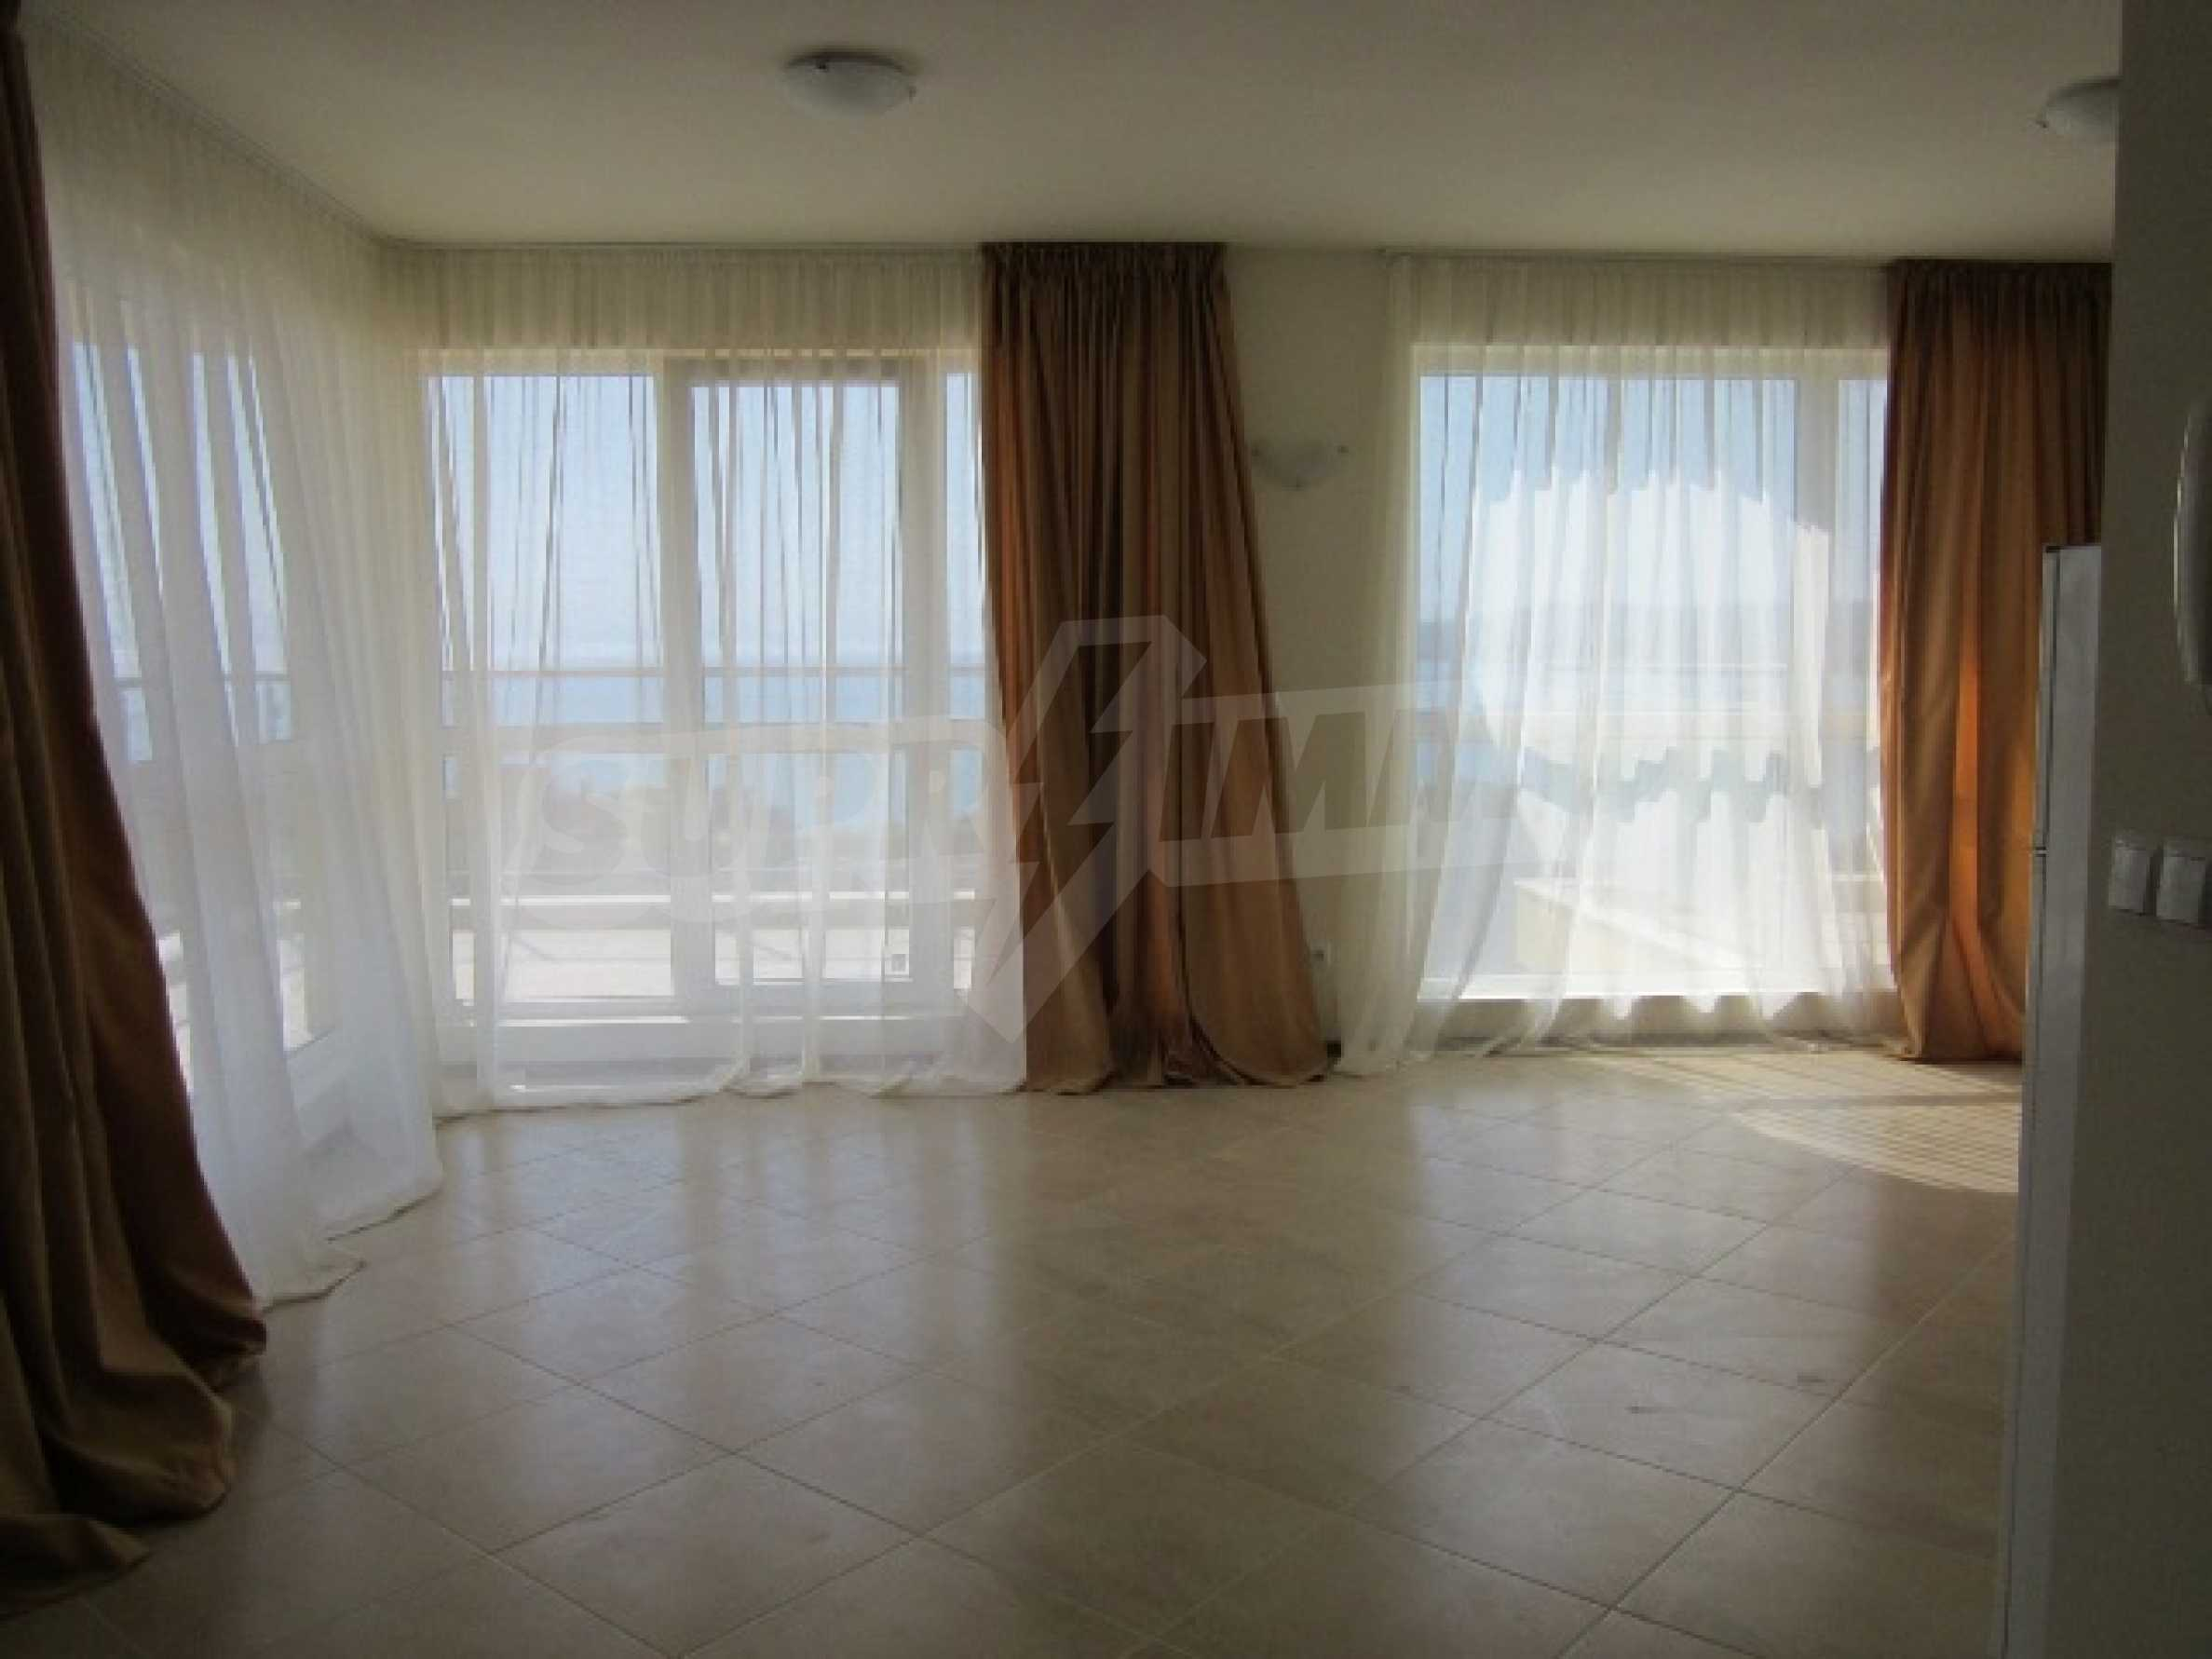 Апартаменти с морска панорама 12